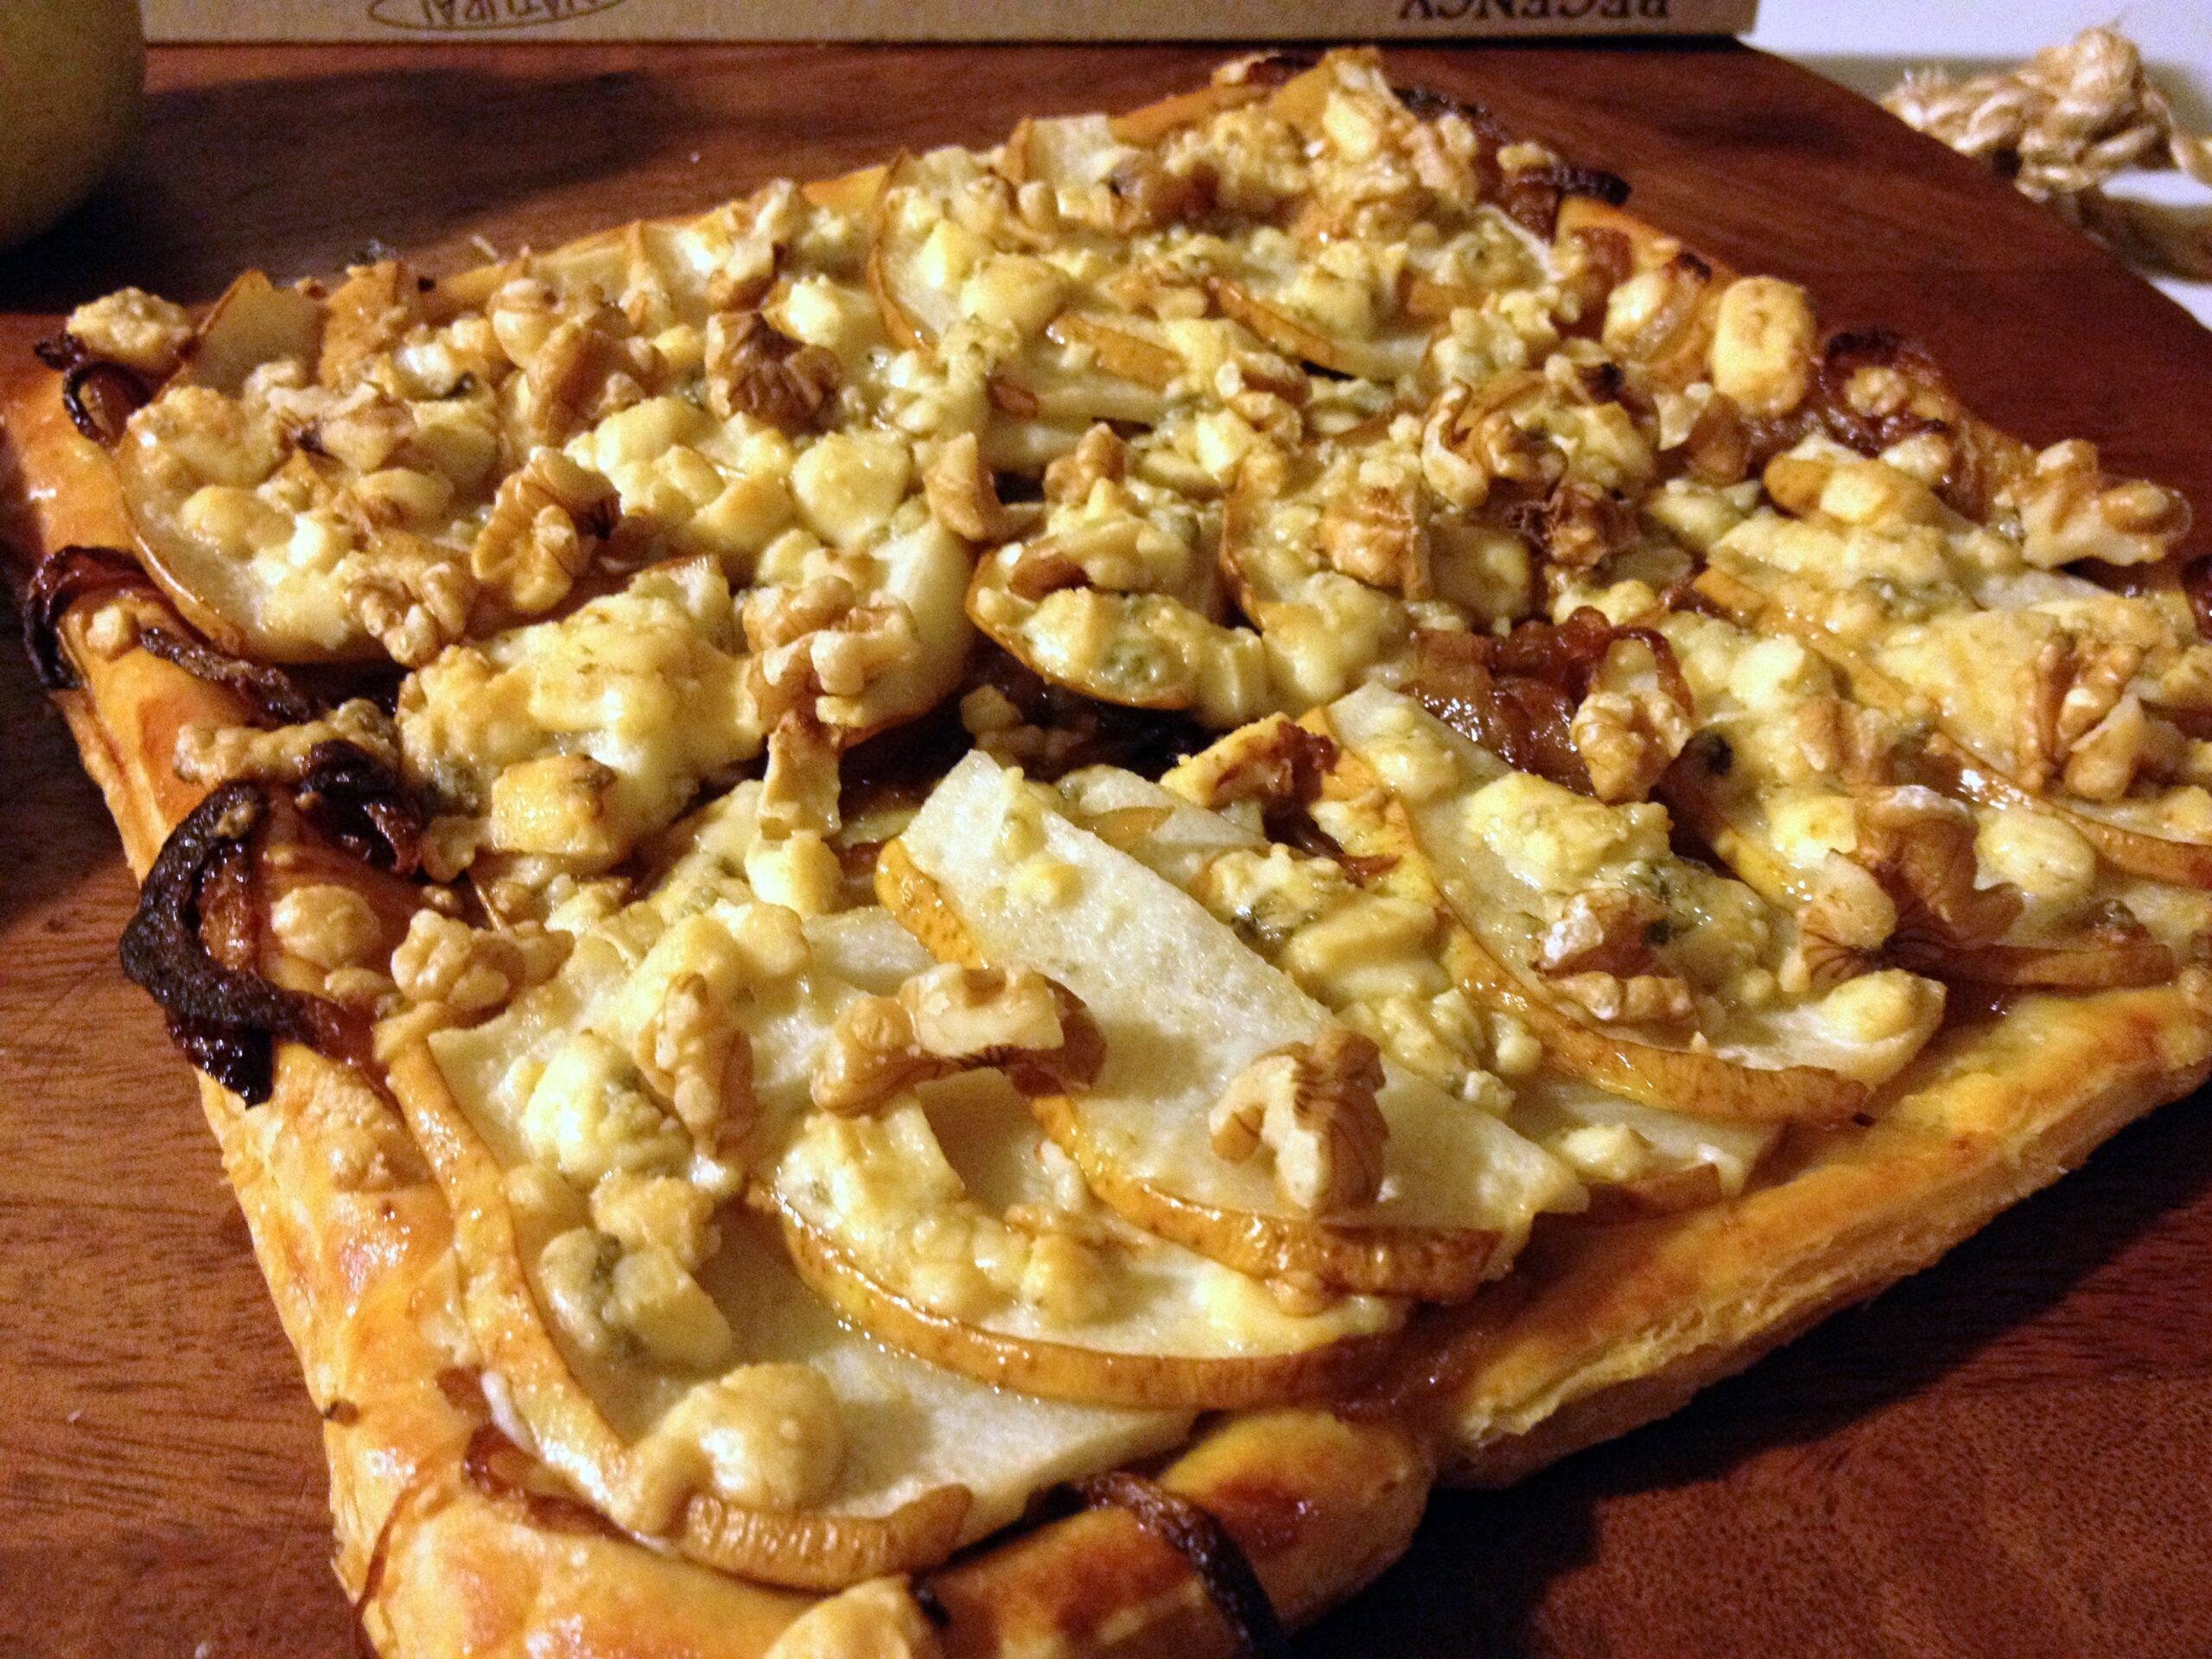 Средиземноморская диета. Пирог с карамелизированным луком и грушей.